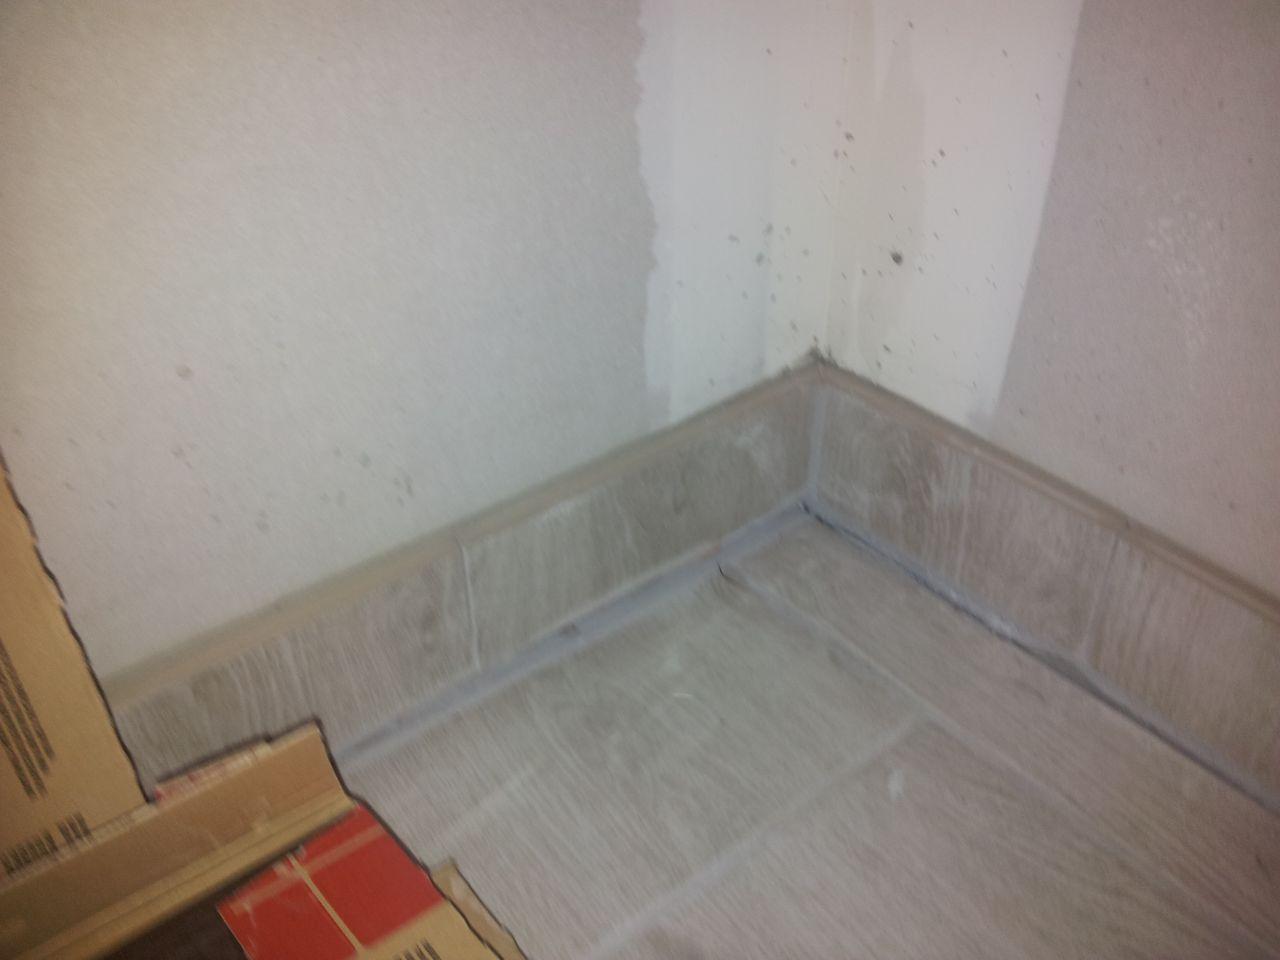 Sol affaisé sur 1,5 cm dans les deux chambres enfants puis fissure et baisse du sol de quelques millimètres dans toute la maison....